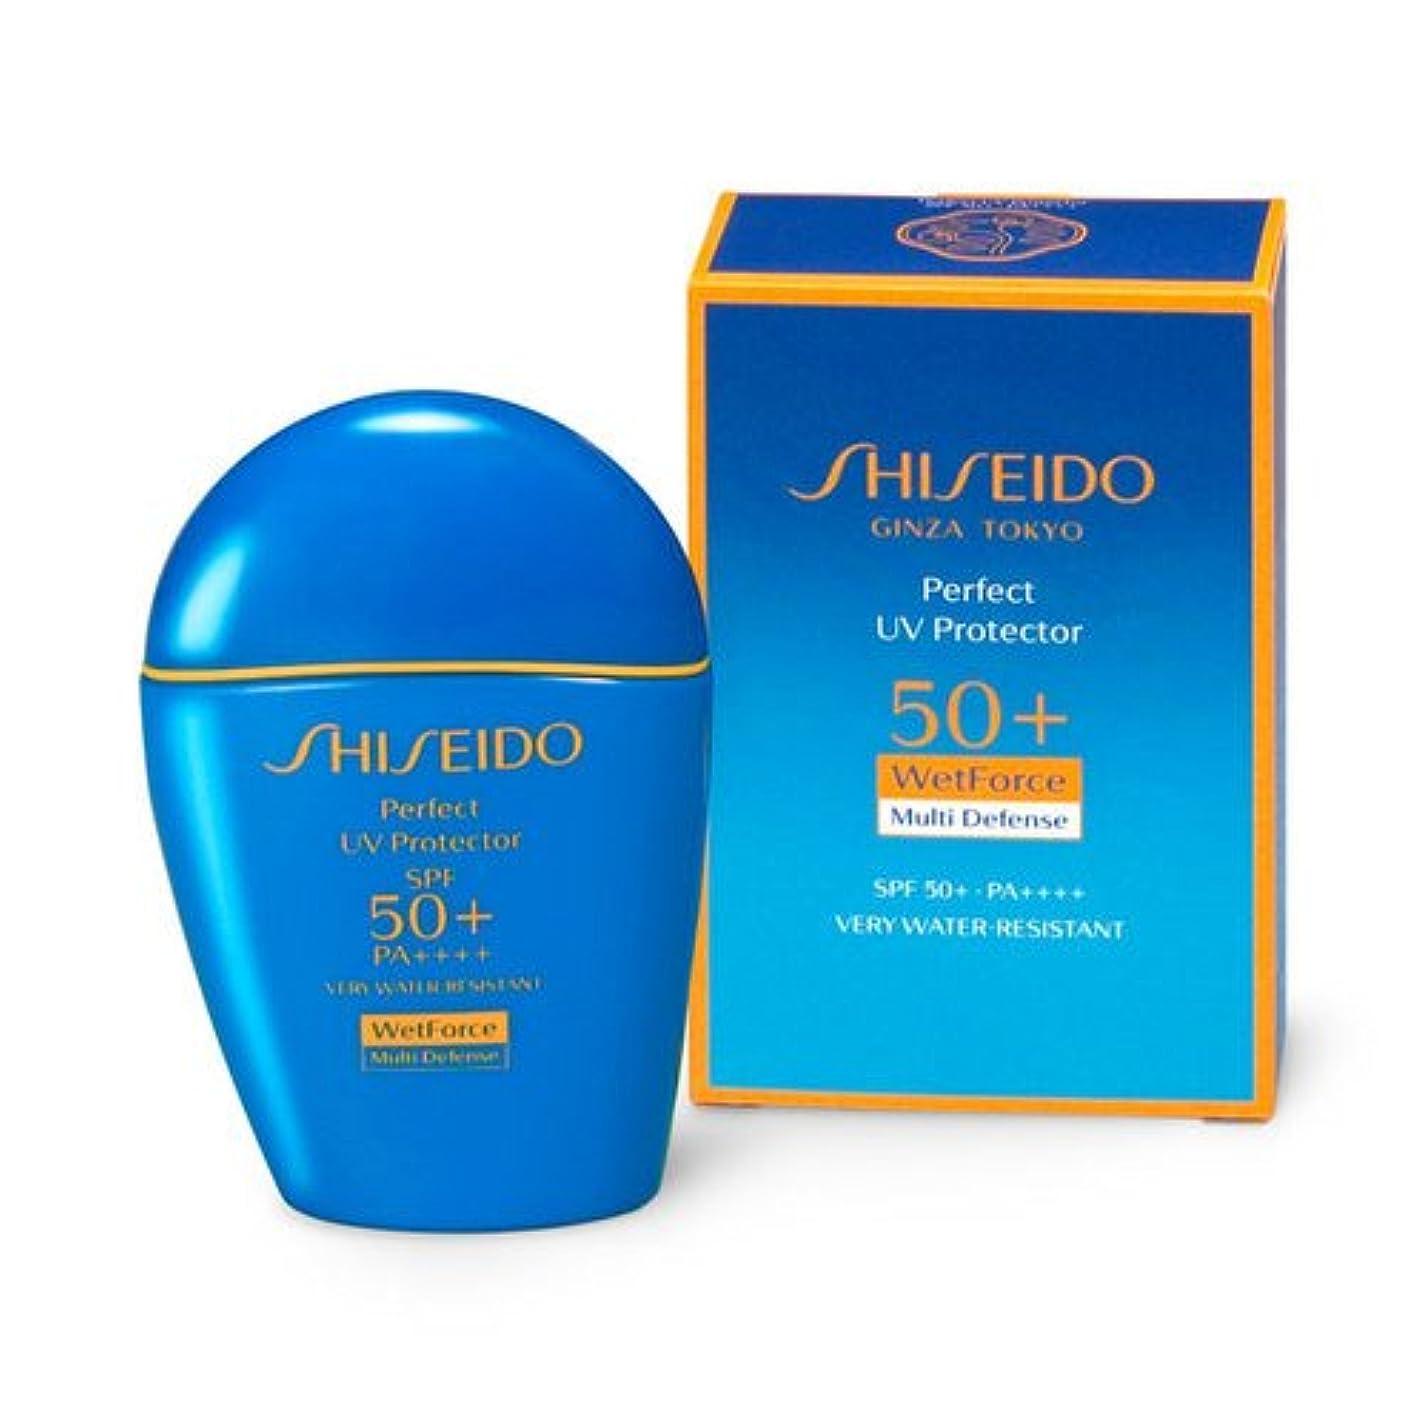 マイルド一般的につばSHISEIDO Suncare(資生堂 サンケア) SHISEIDO(資生堂) パーフェクト UVプロテクター 50mL